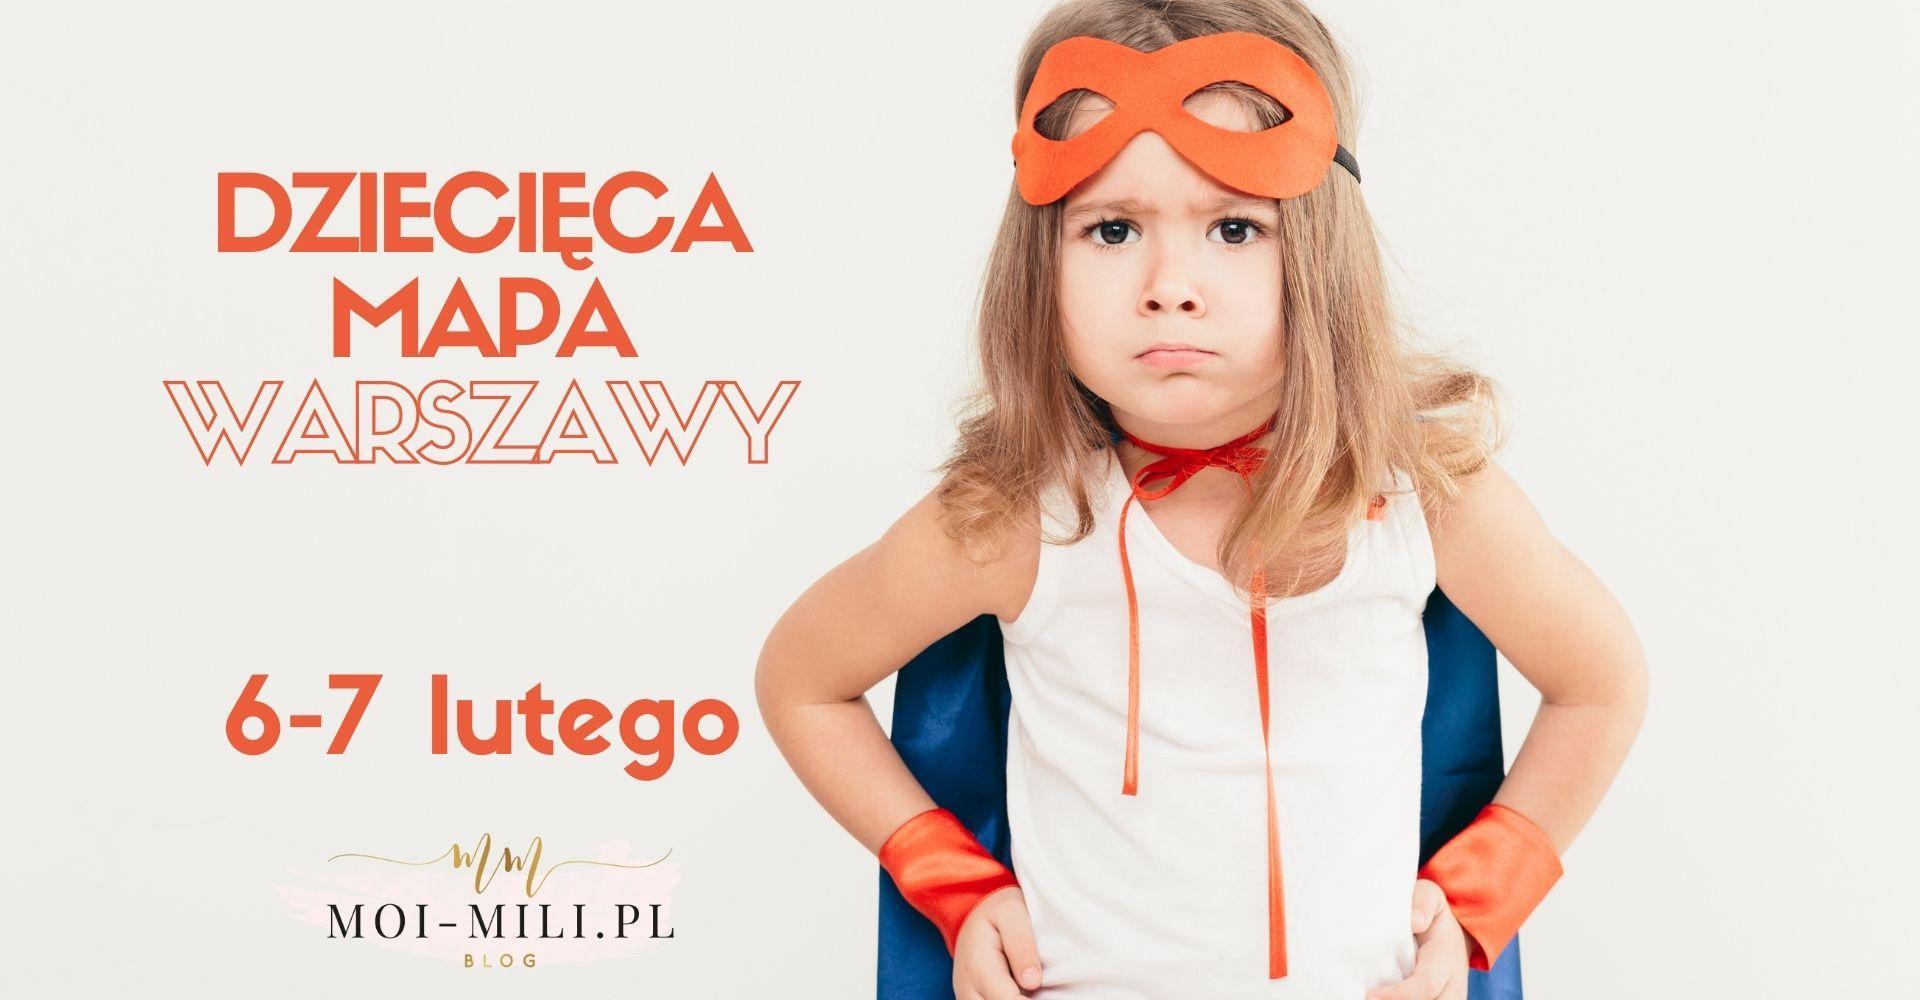 Weekendowa Zajawka, czyli co robić z dzieckiem w Warszawie 6-7 marca